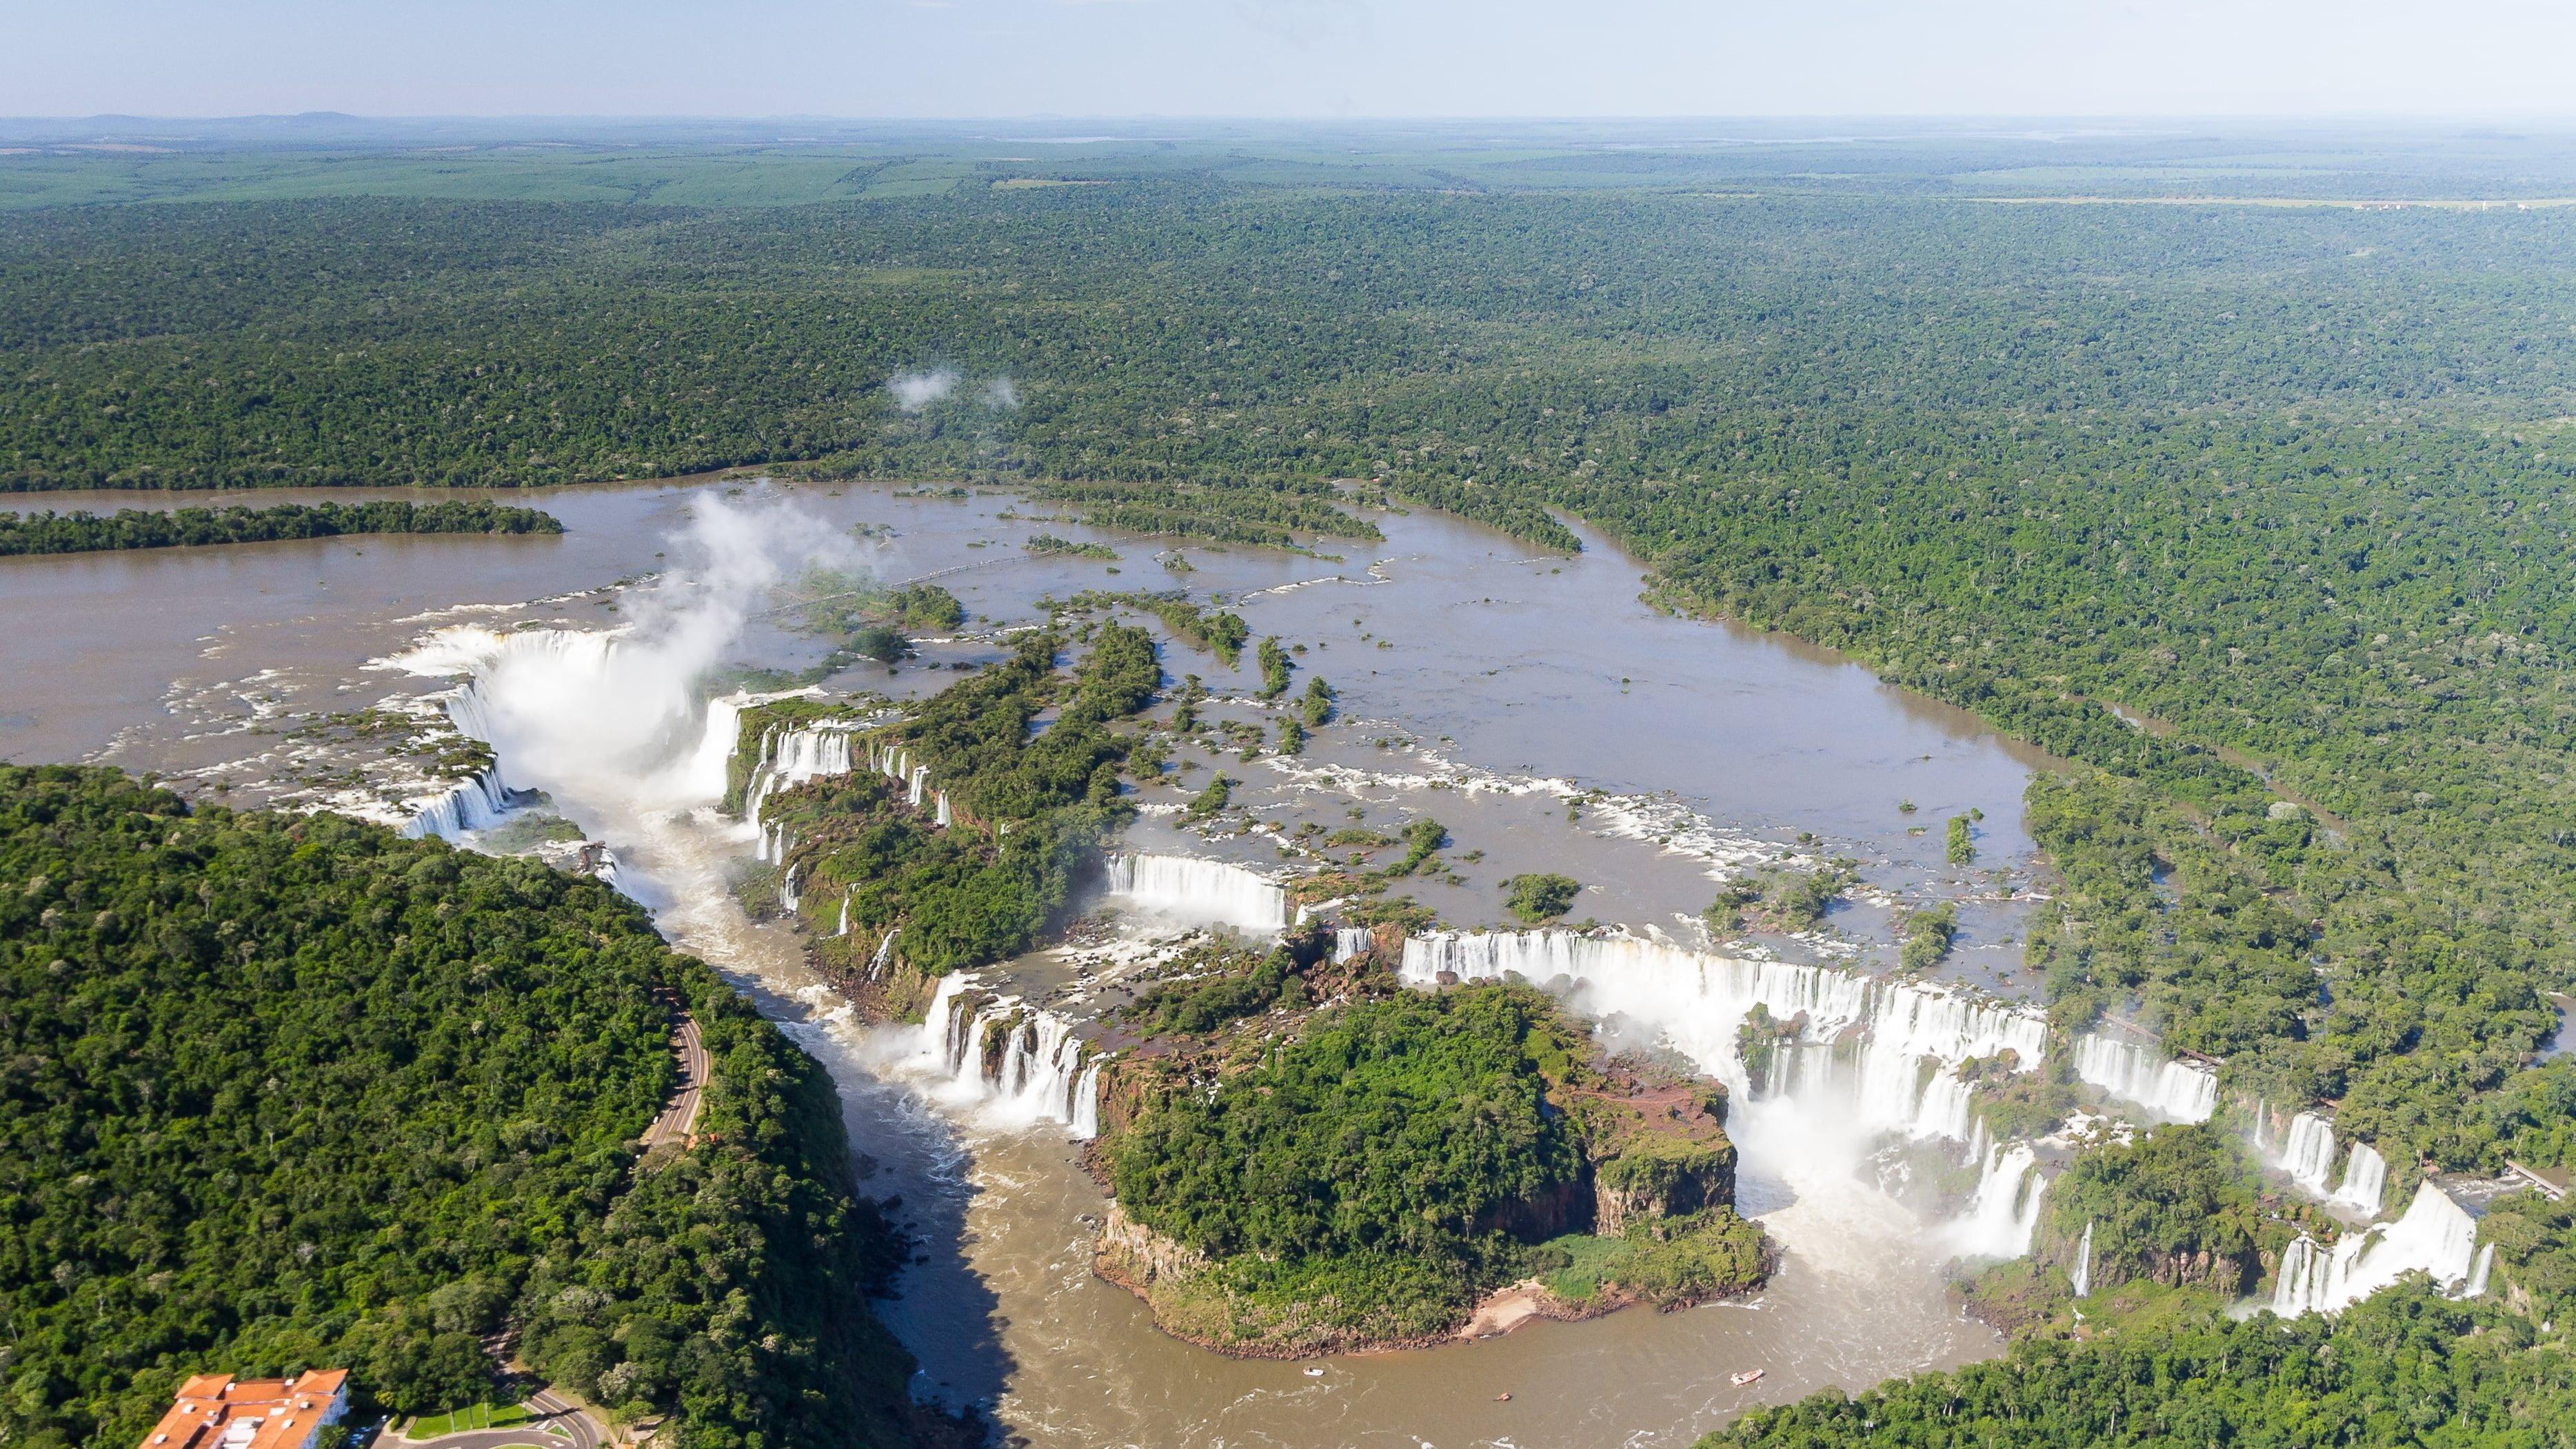 ıguazu